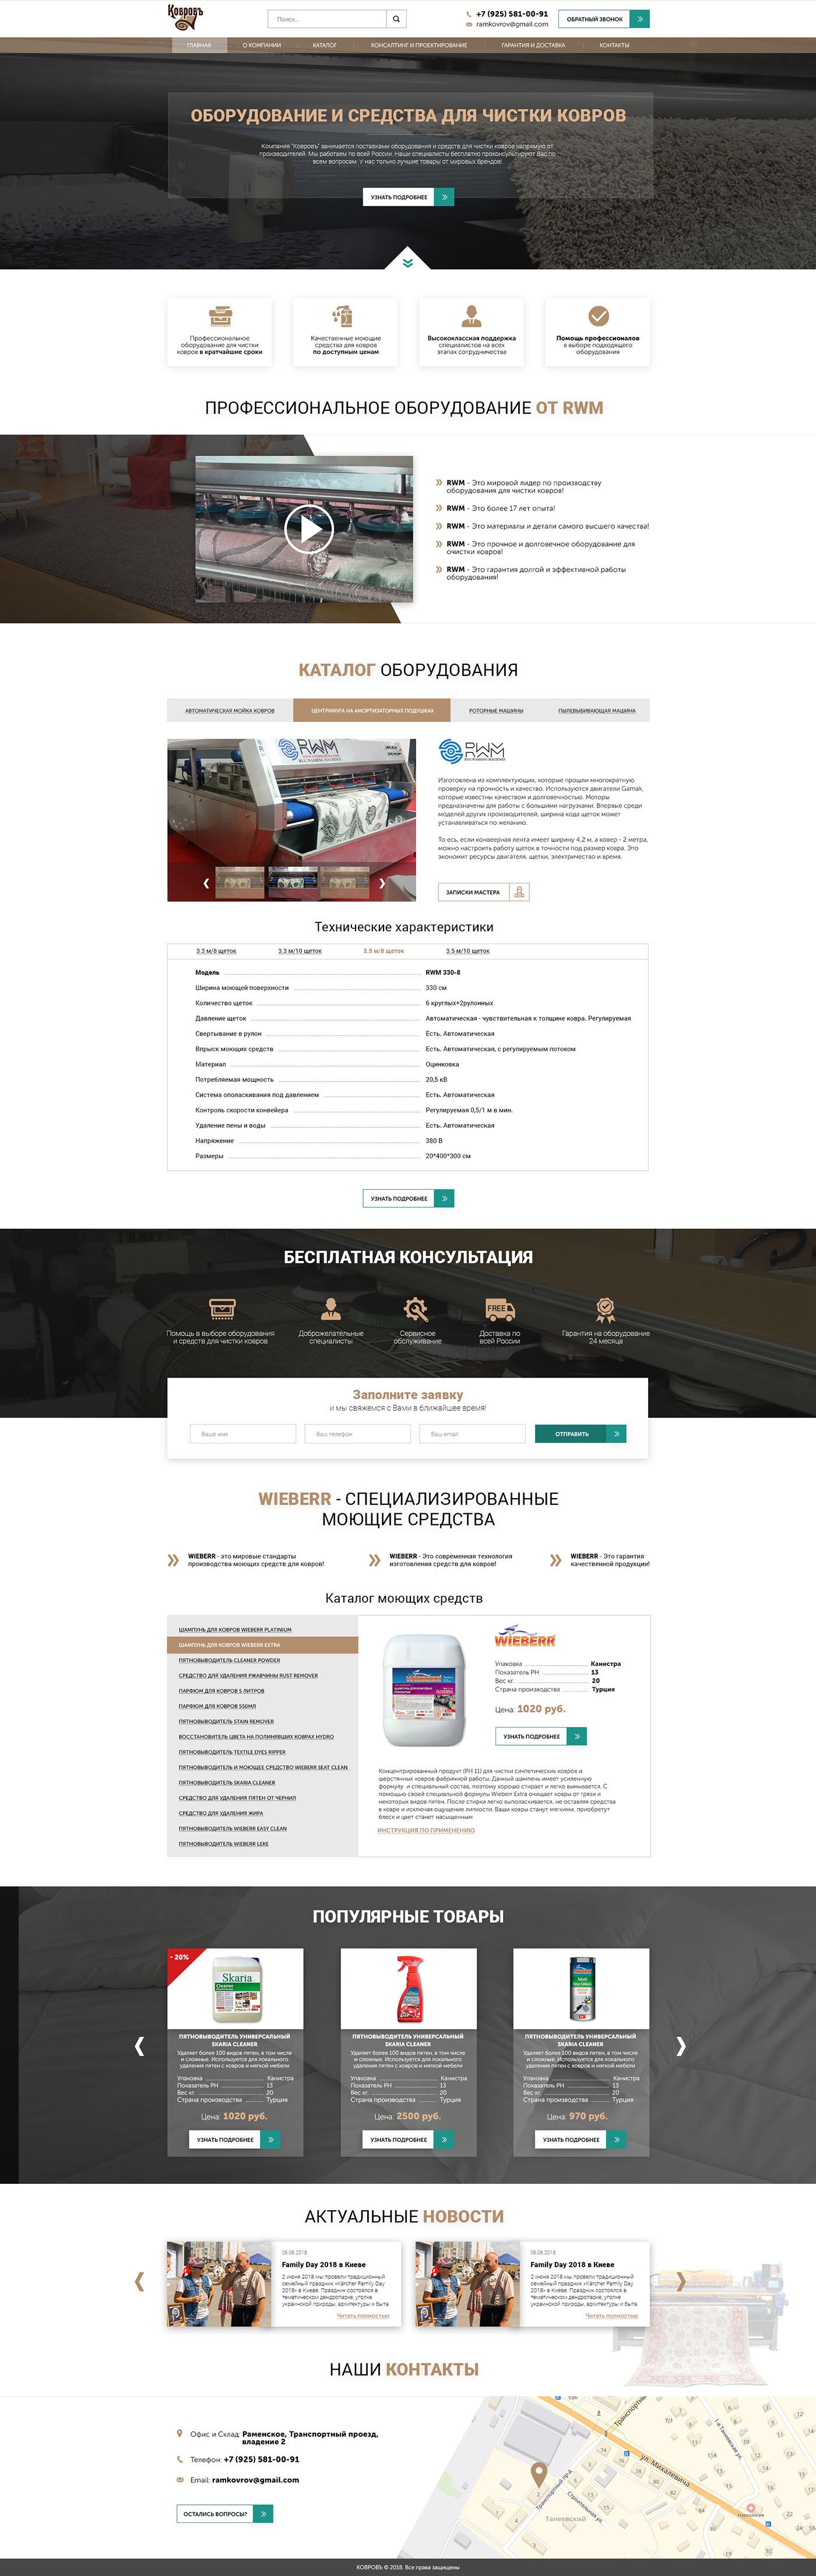 Сайт ОБОРУДОВАНИЕ И СРЕДСТВА ДЛЯ ЧИСТКИ КОВРОВ